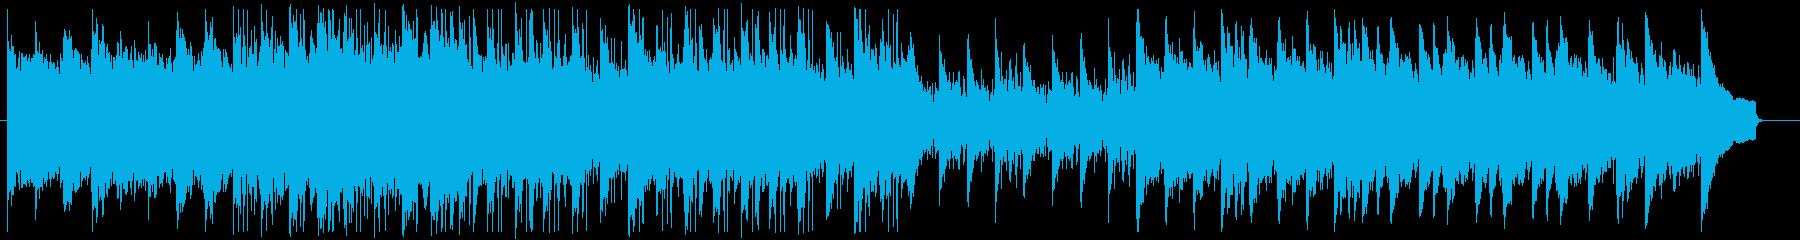 エモーショナルな幻想曲の再生済みの波形